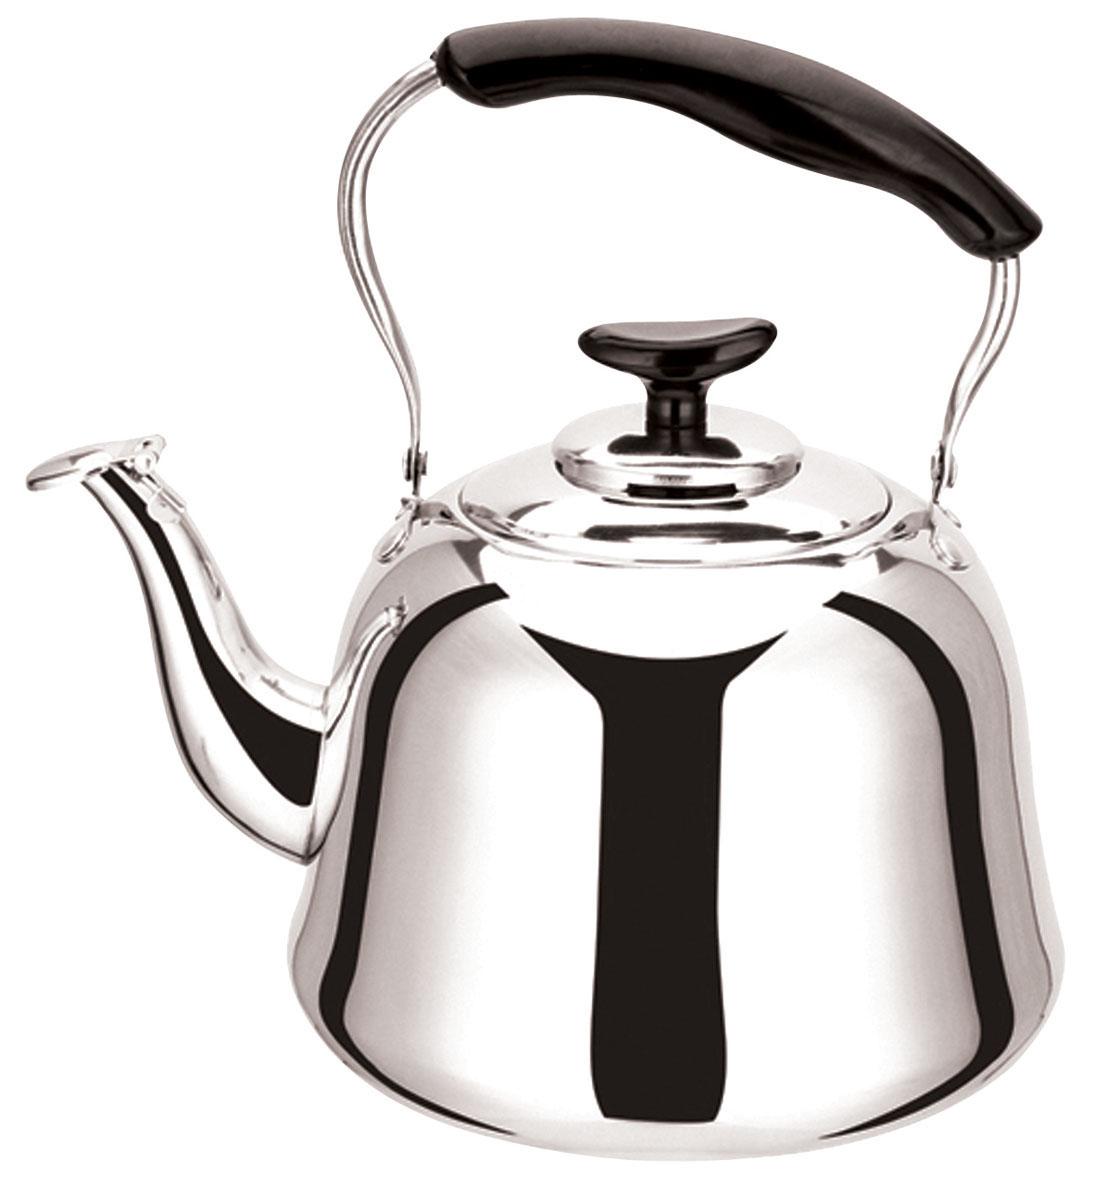 Чайник Bekker Koch со свистком, 4 л. BK-S478BK-S478Чайник Bekker Koch изготовлен из высококачественной нержавеющей стали с зеркальной полировкой. Цельнометаллическое дно распределяет тепло по всей поверхности, что позволяет чайнику быстро закипать. Эргономичная подвижная ручка выполнена из нержавеющей стали и бакелита черного цвета. Носик оснащен откидным свистком, который подскажет, когда вода закипела. Широкое отверстие по верхнему краю позволяет удобно наливать воду. Подходит для всех типов плит, включая индукционные. Можно мыть в посудомоечной машине.